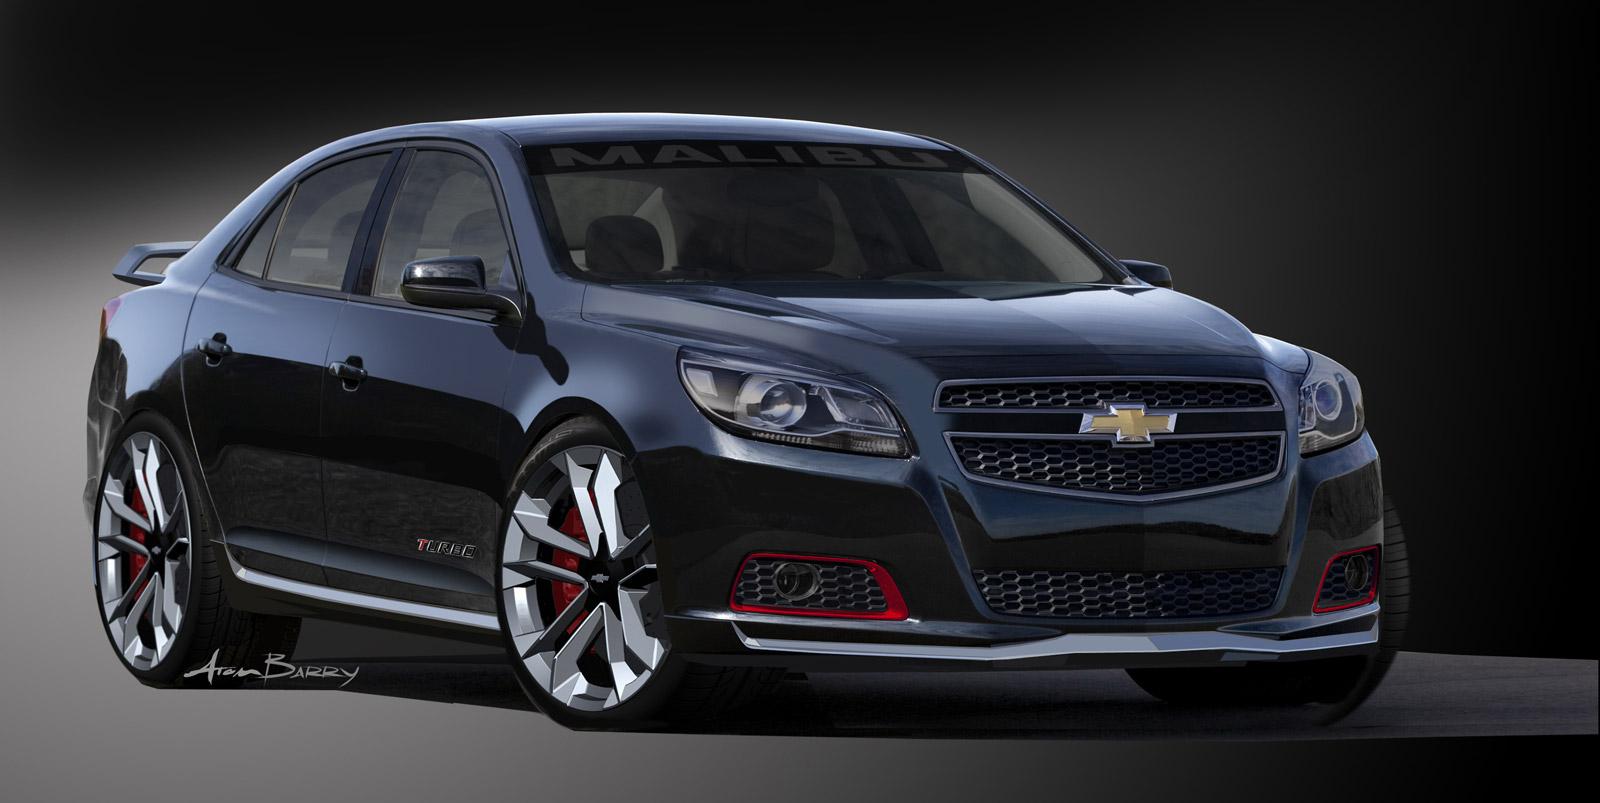 All Chevy chevy cars 2012 : Chevrolet Previews 2012 SEMA Fleet